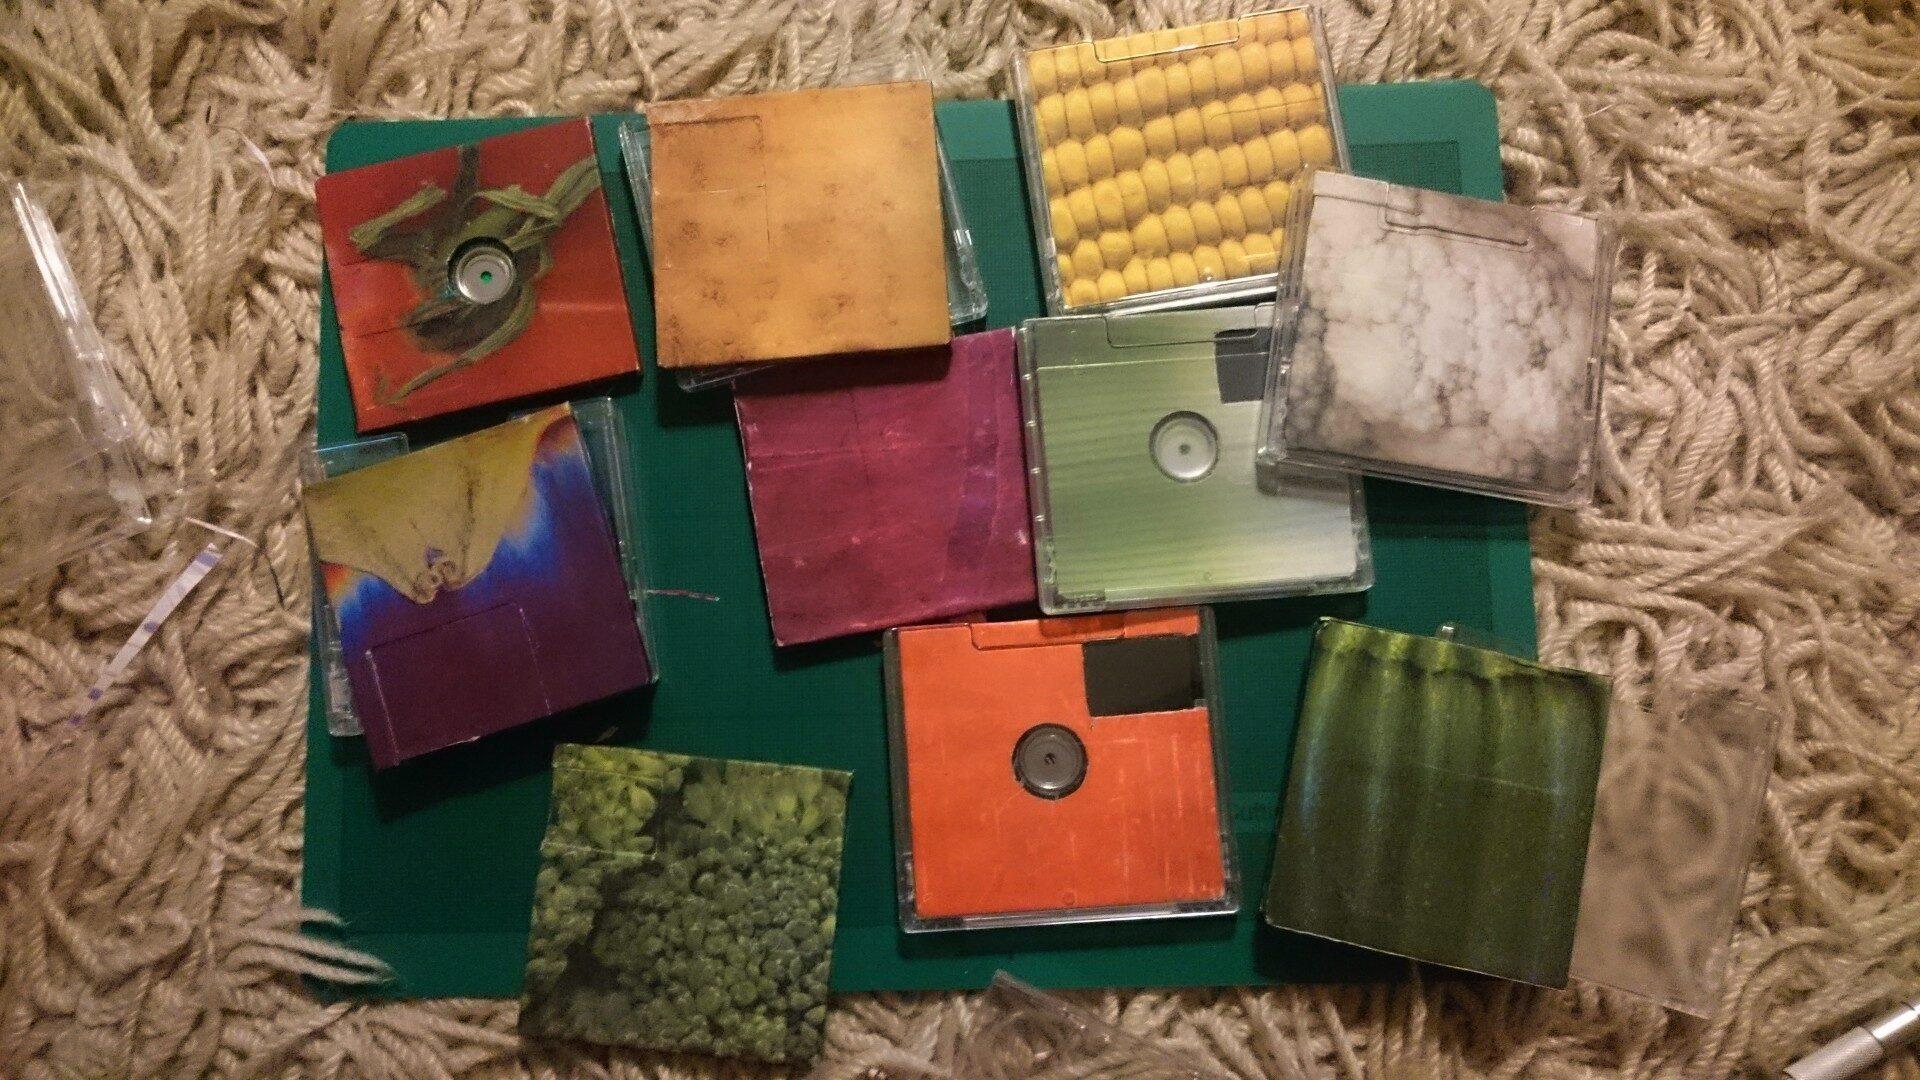 veg-minidiscs-1920x1080